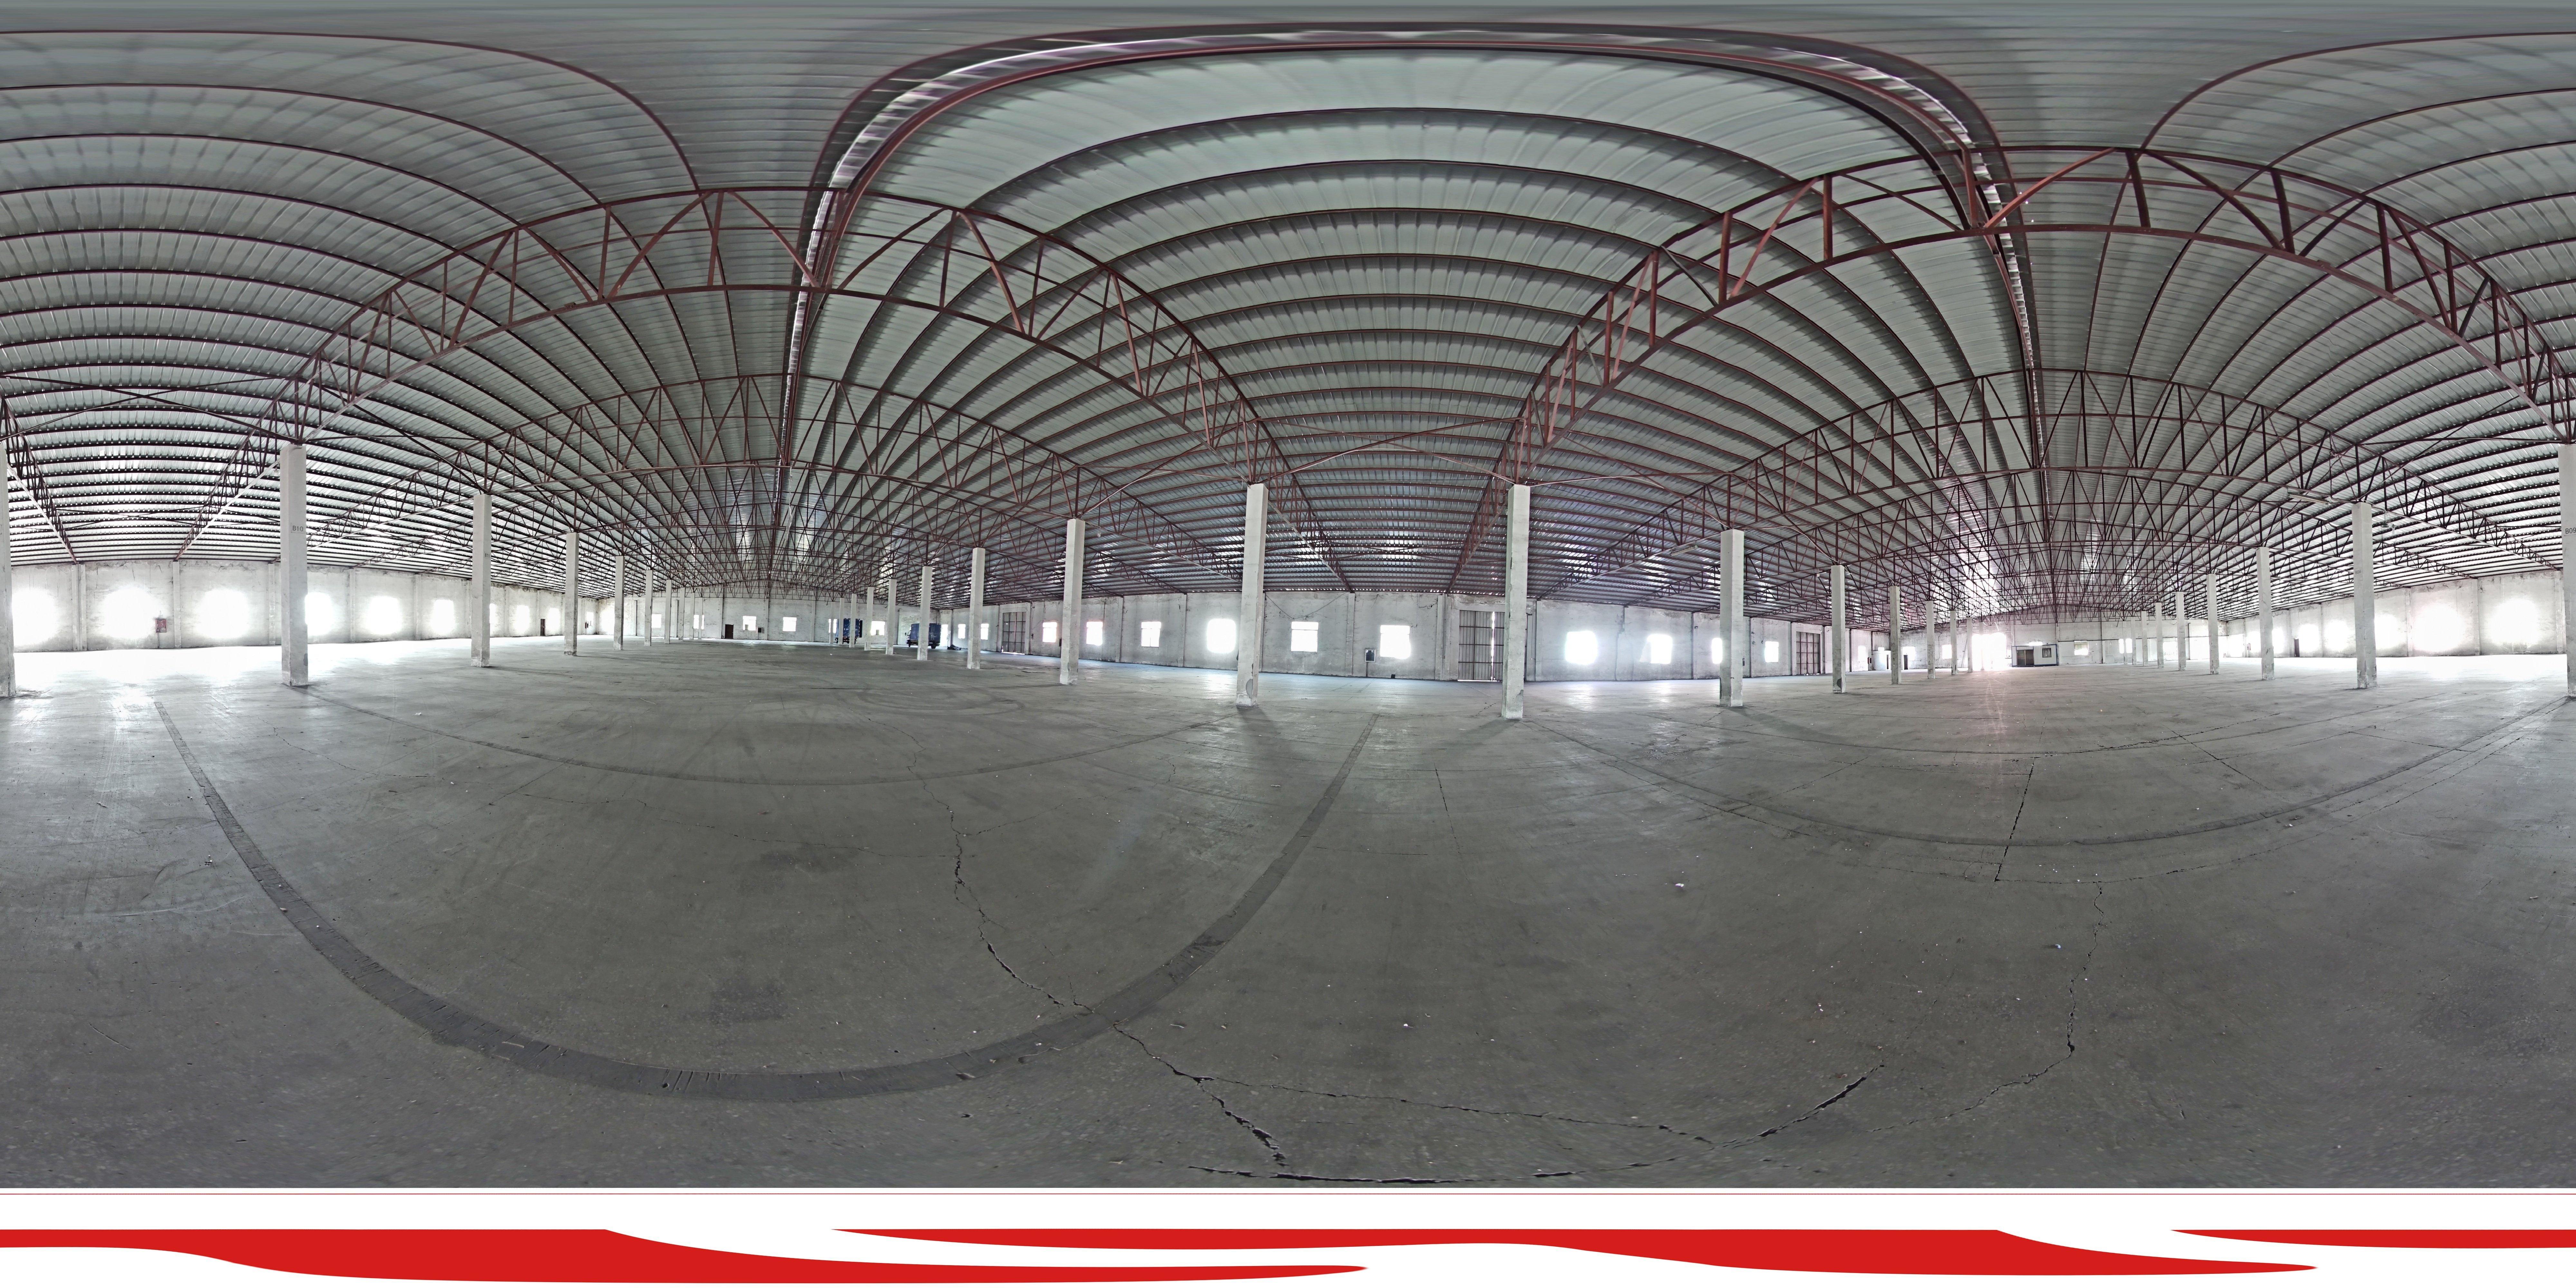 南山西丽独院钢结构厂房7000㎡招租可做仓库物流配送等行业